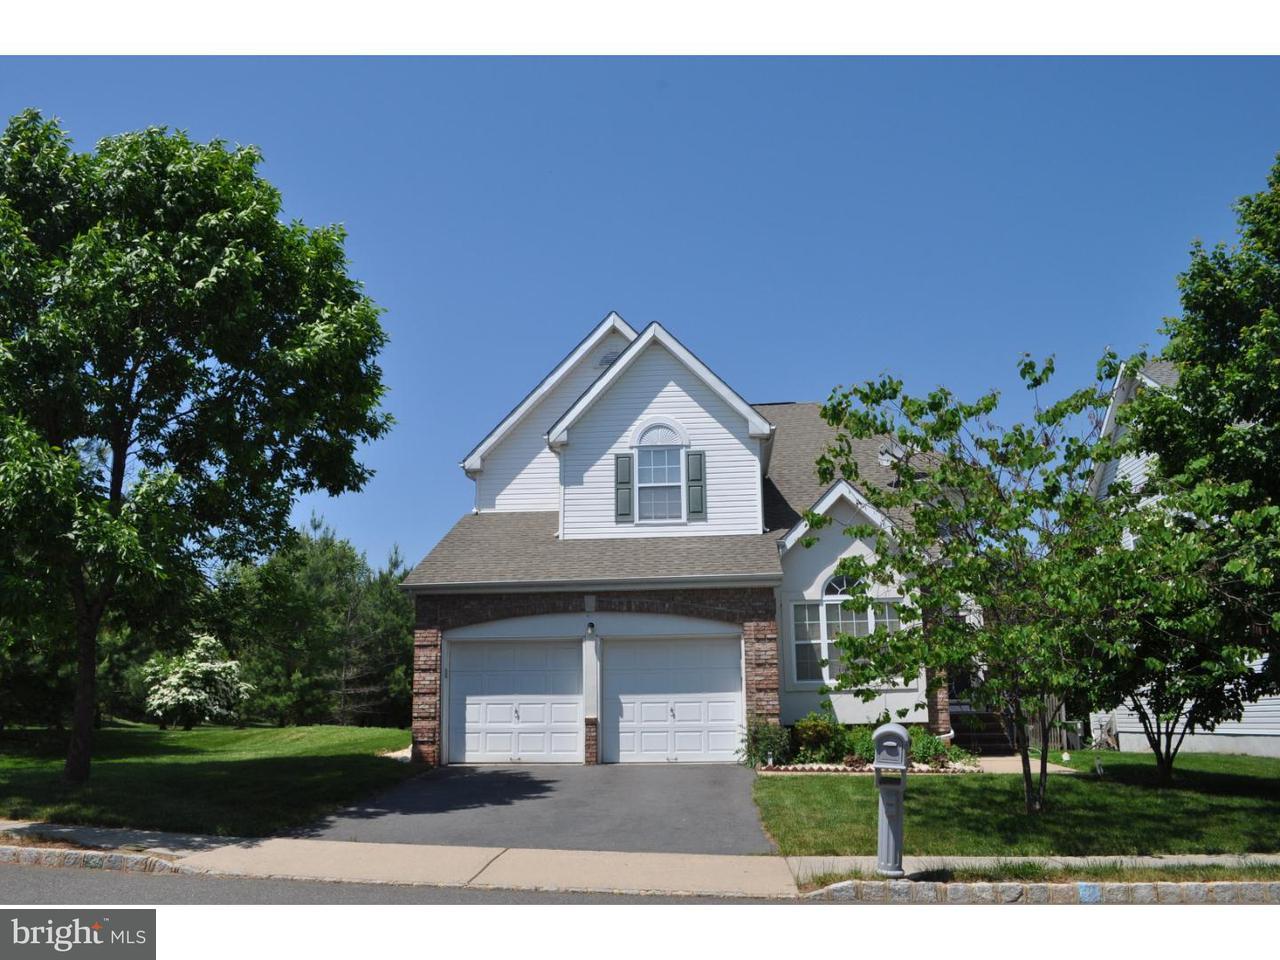 Casa Unifamiliar por un Alquiler en 2 BOICE Lane Belle Mead, Nueva Jersey 08502 Estados UnidosEn/Alrededor: Montgomery Township